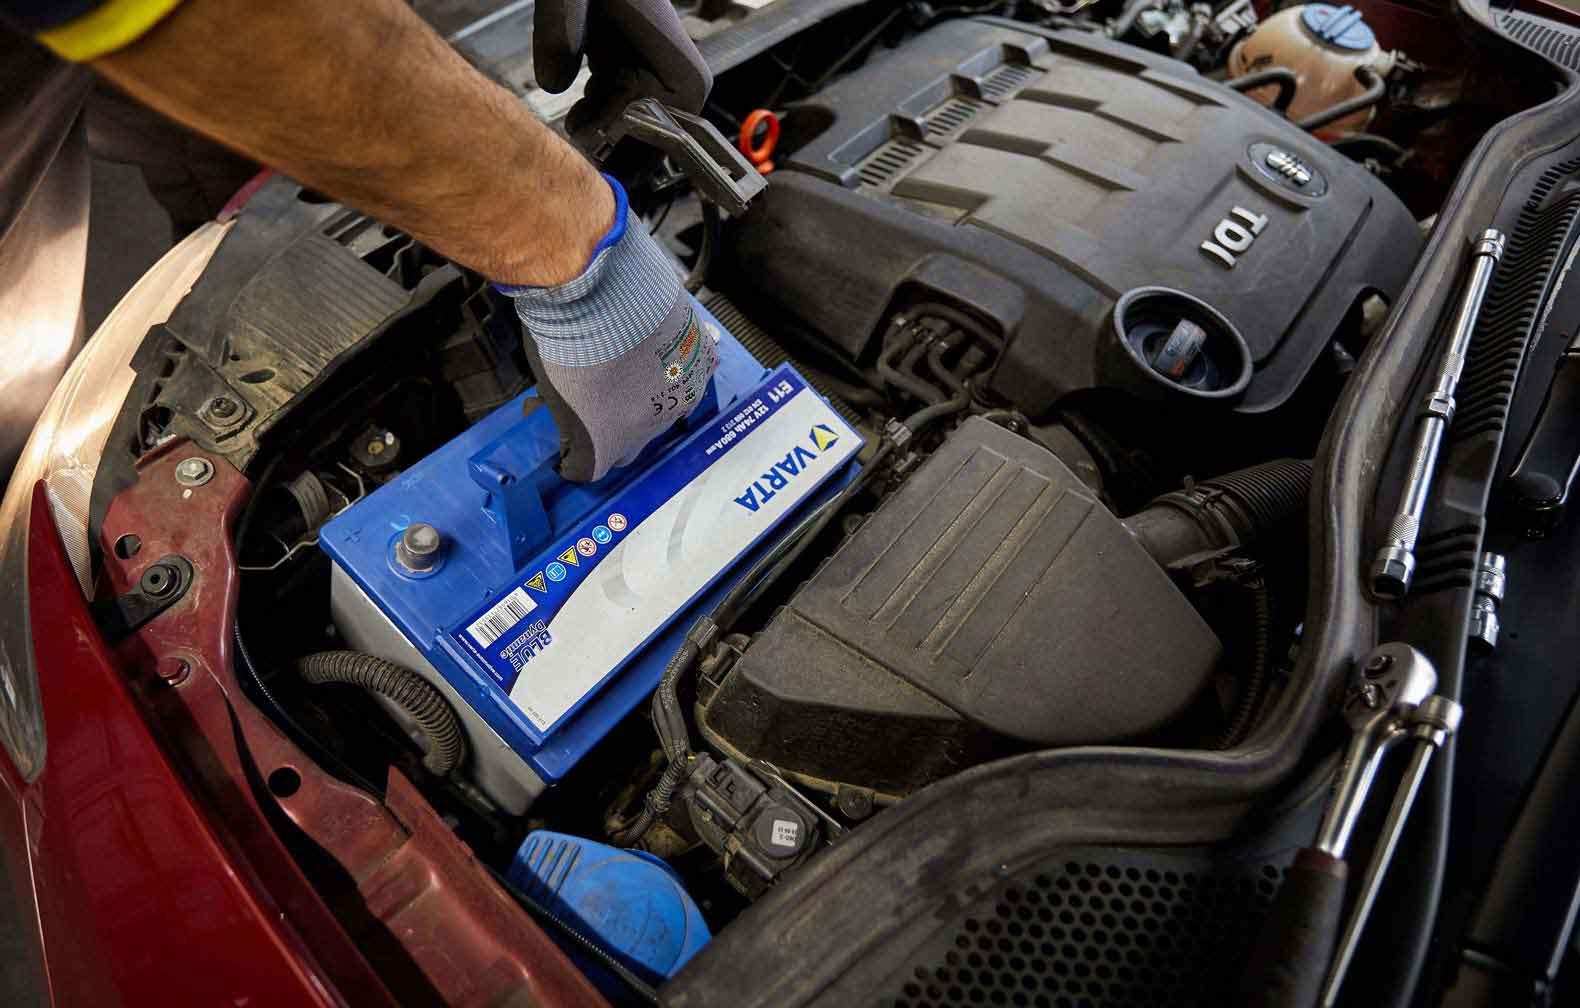 trocar a bateria do carro